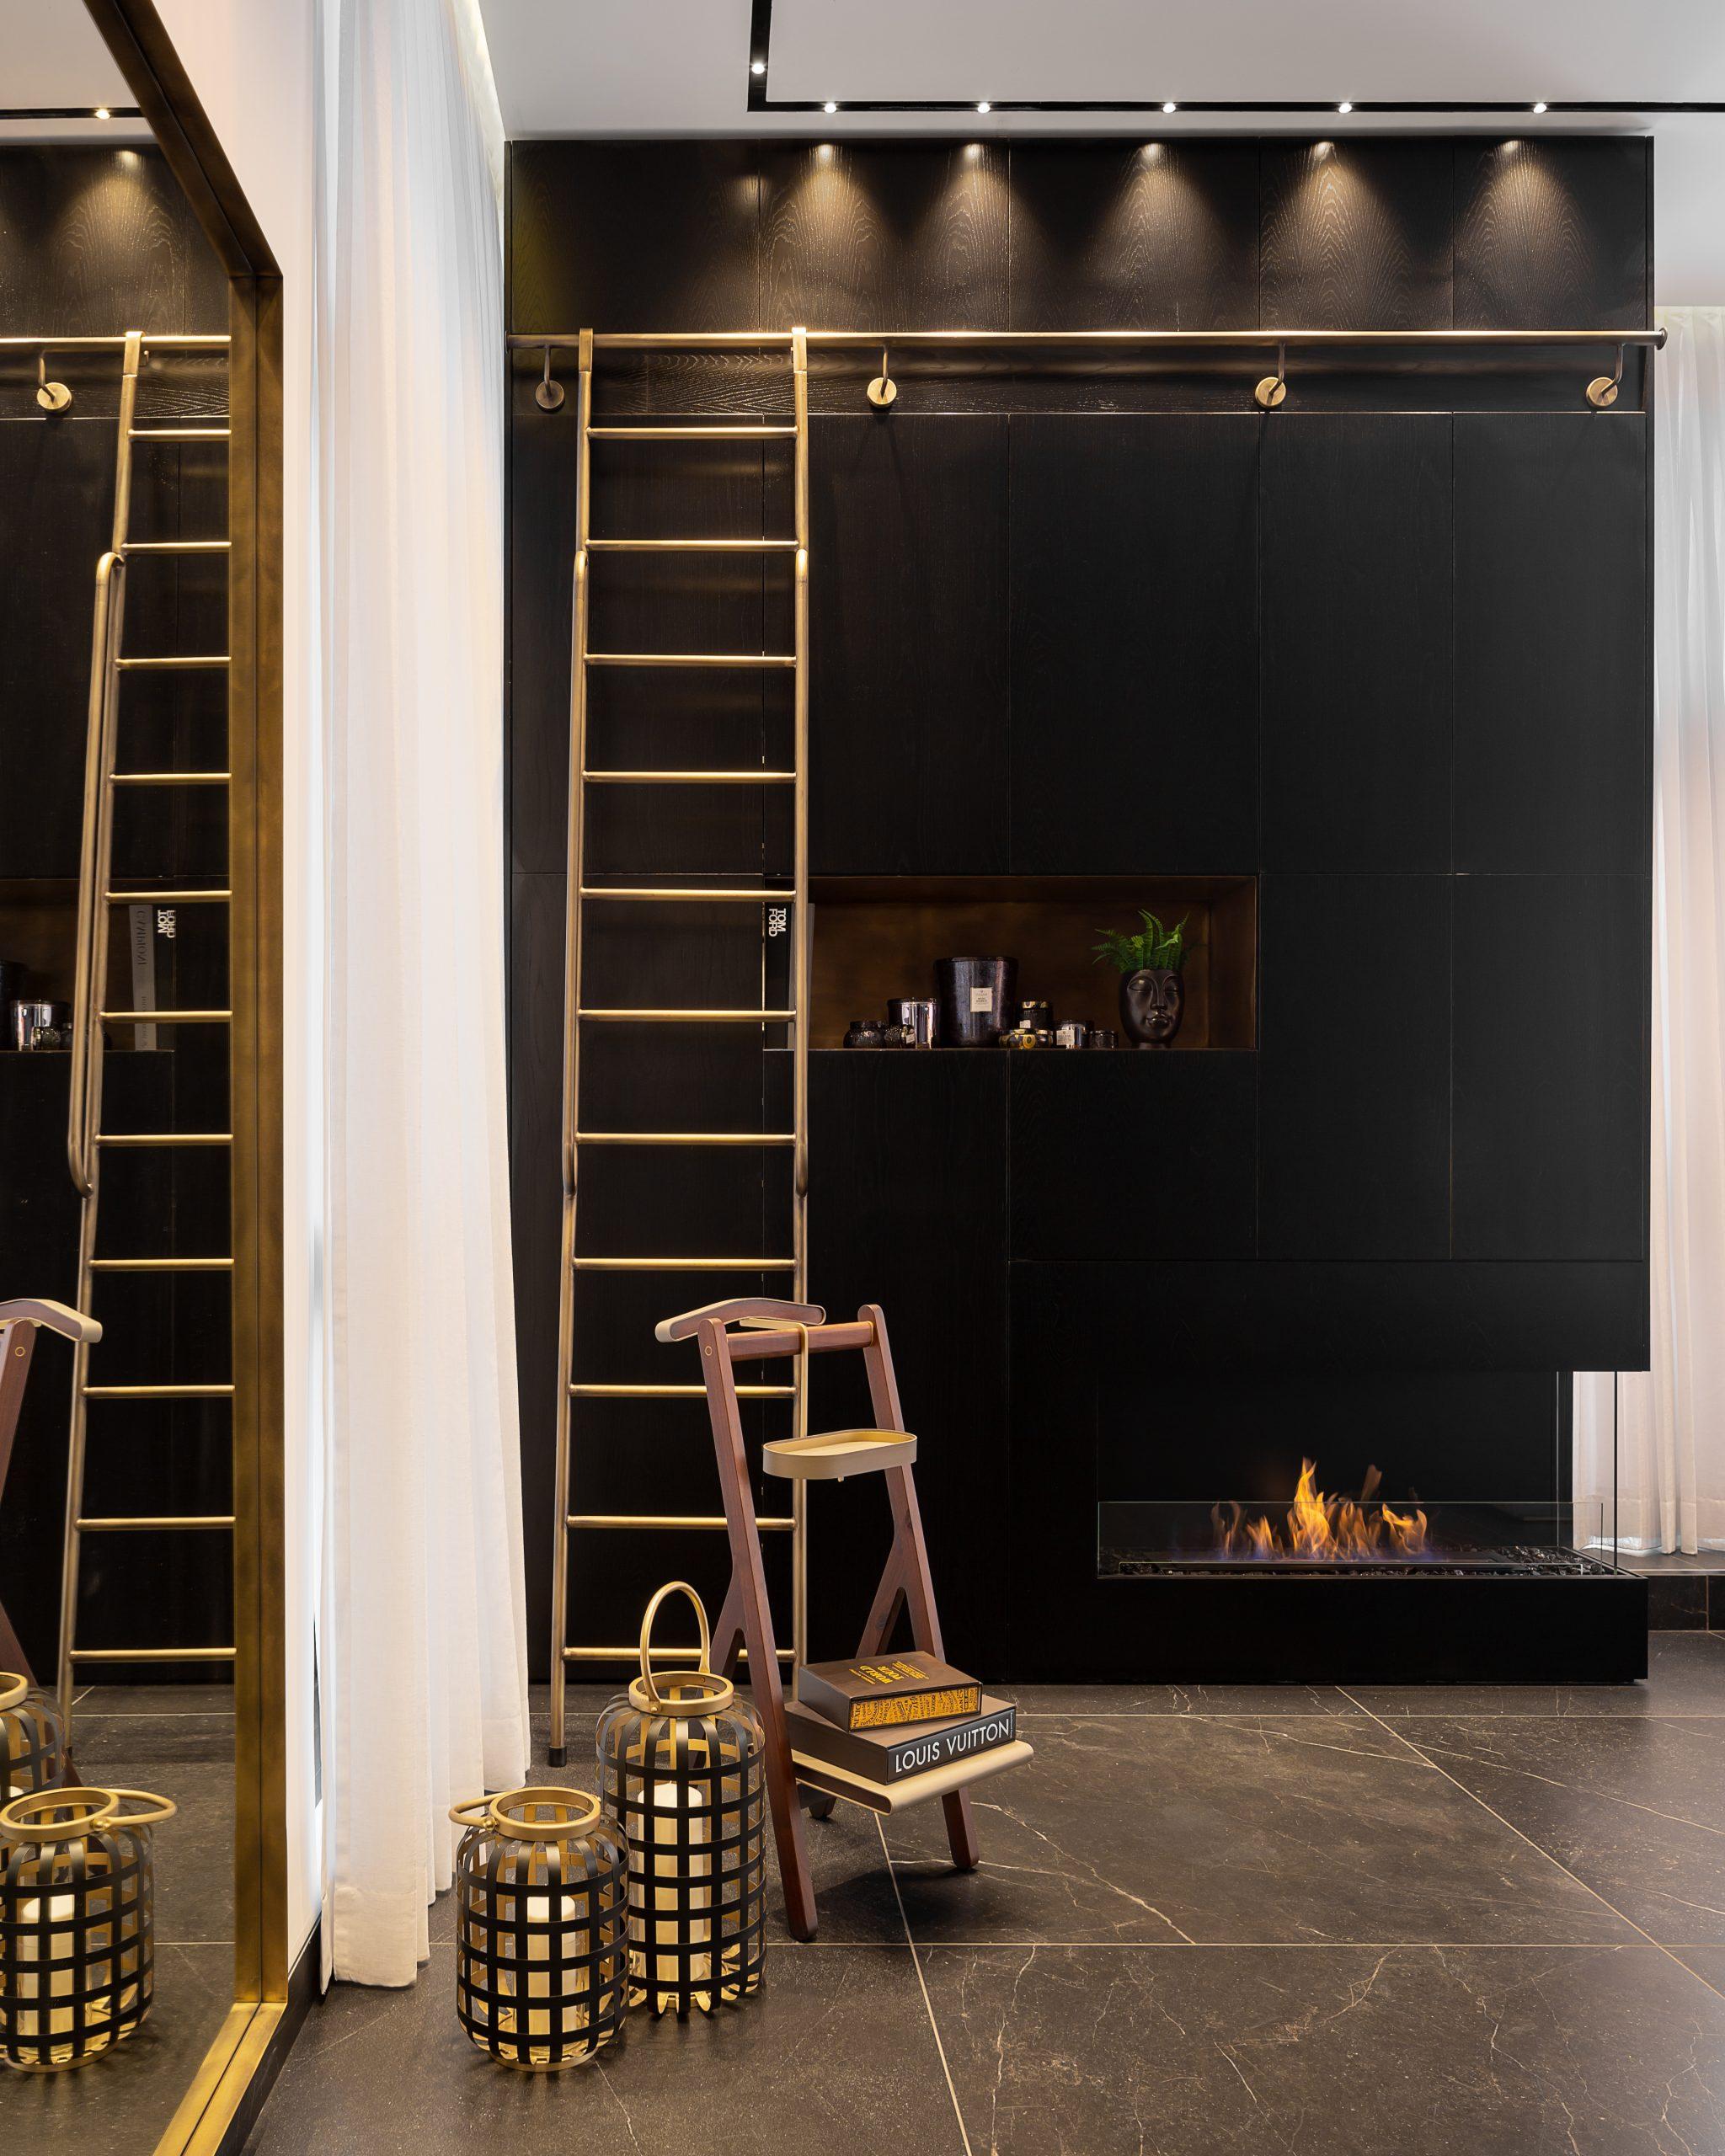 עיצוב אדריכלי ומודרני ל וילה באשקלון